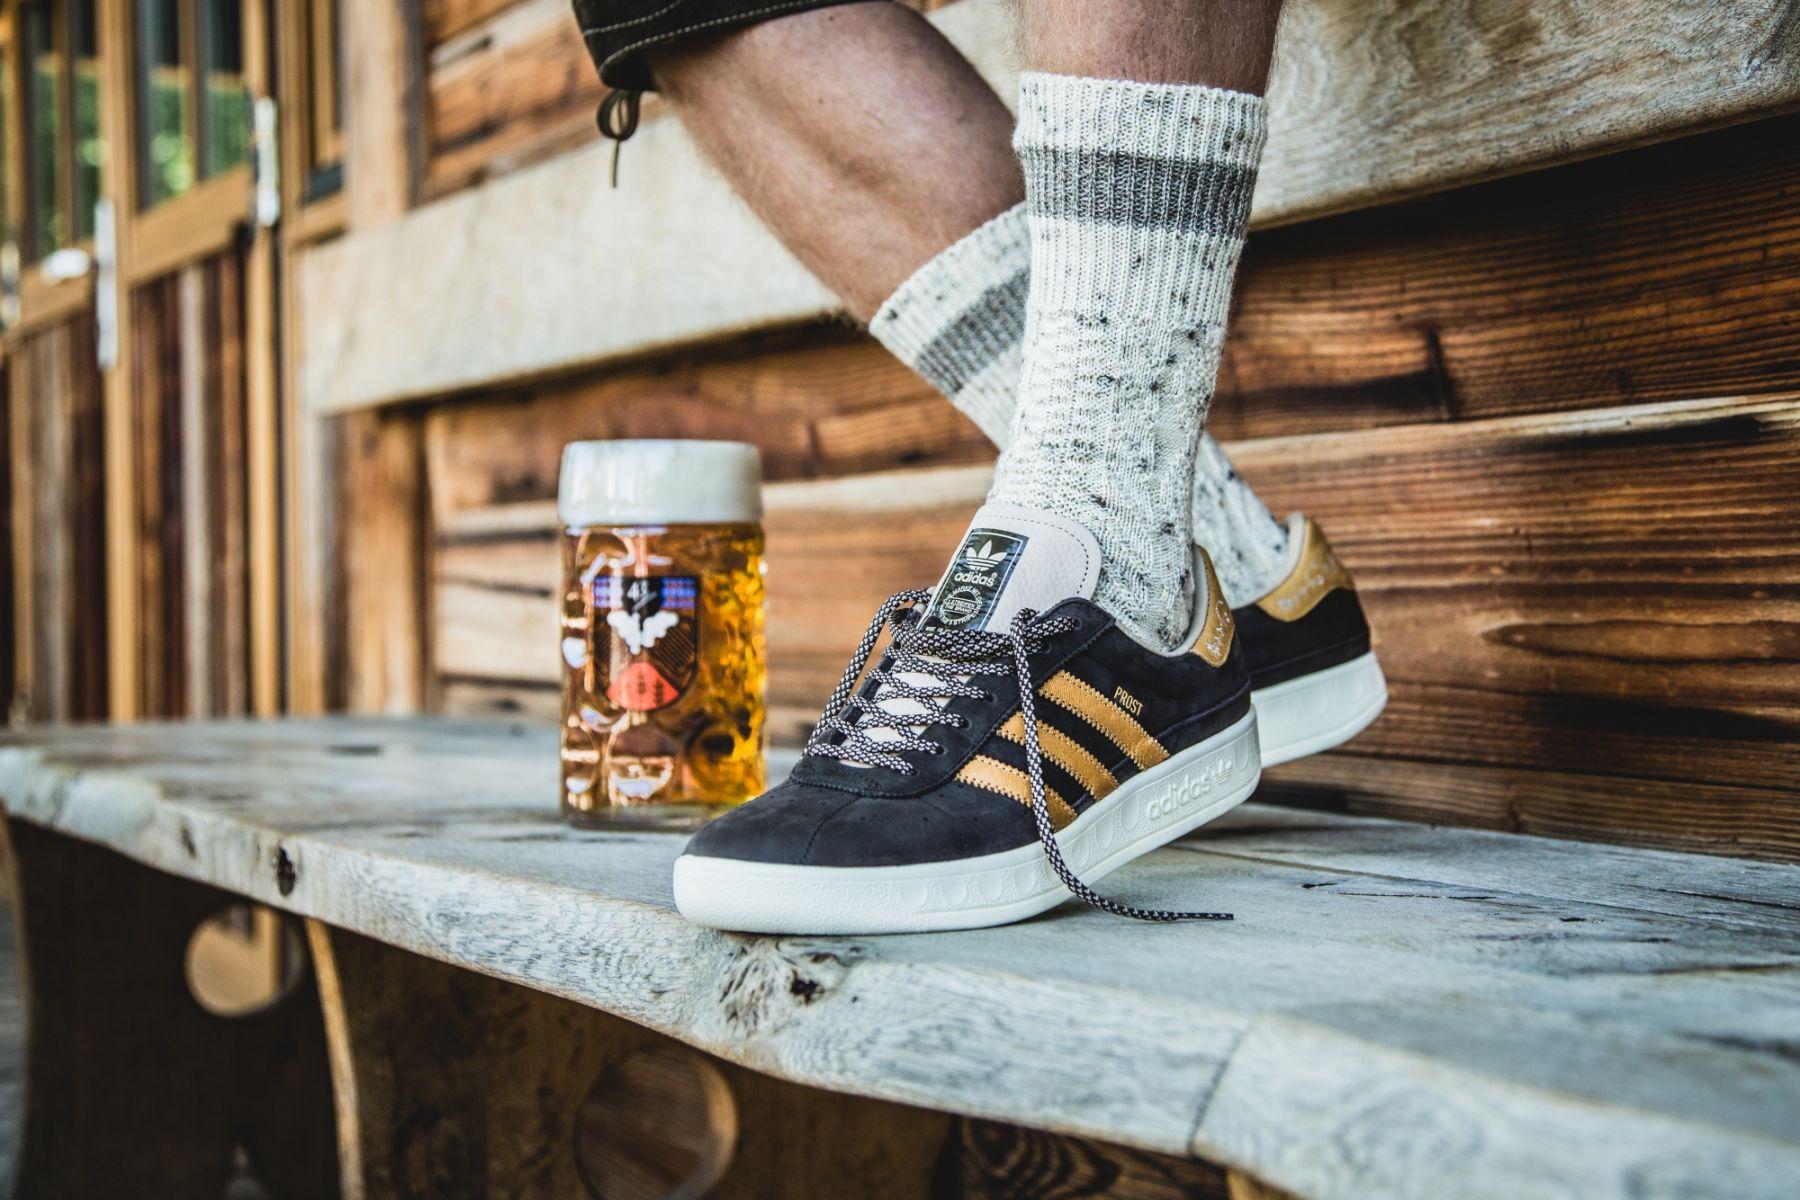 Dévoile Au Adidas Qui La Vomi Des Chaussures Bièreet Résistent À qjGSUzLpMV